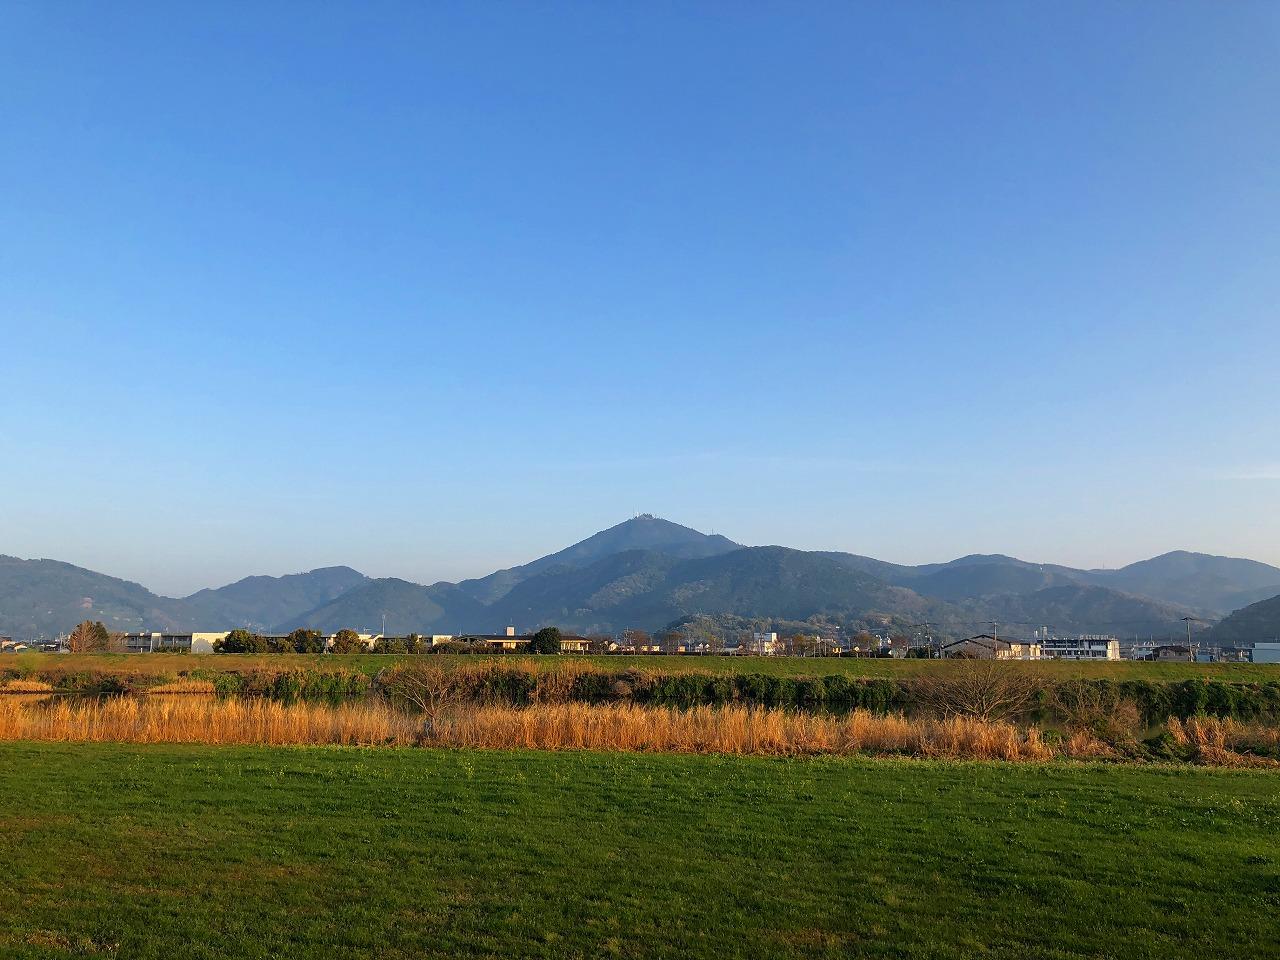 2018.3.29 今朝の金峰山です。